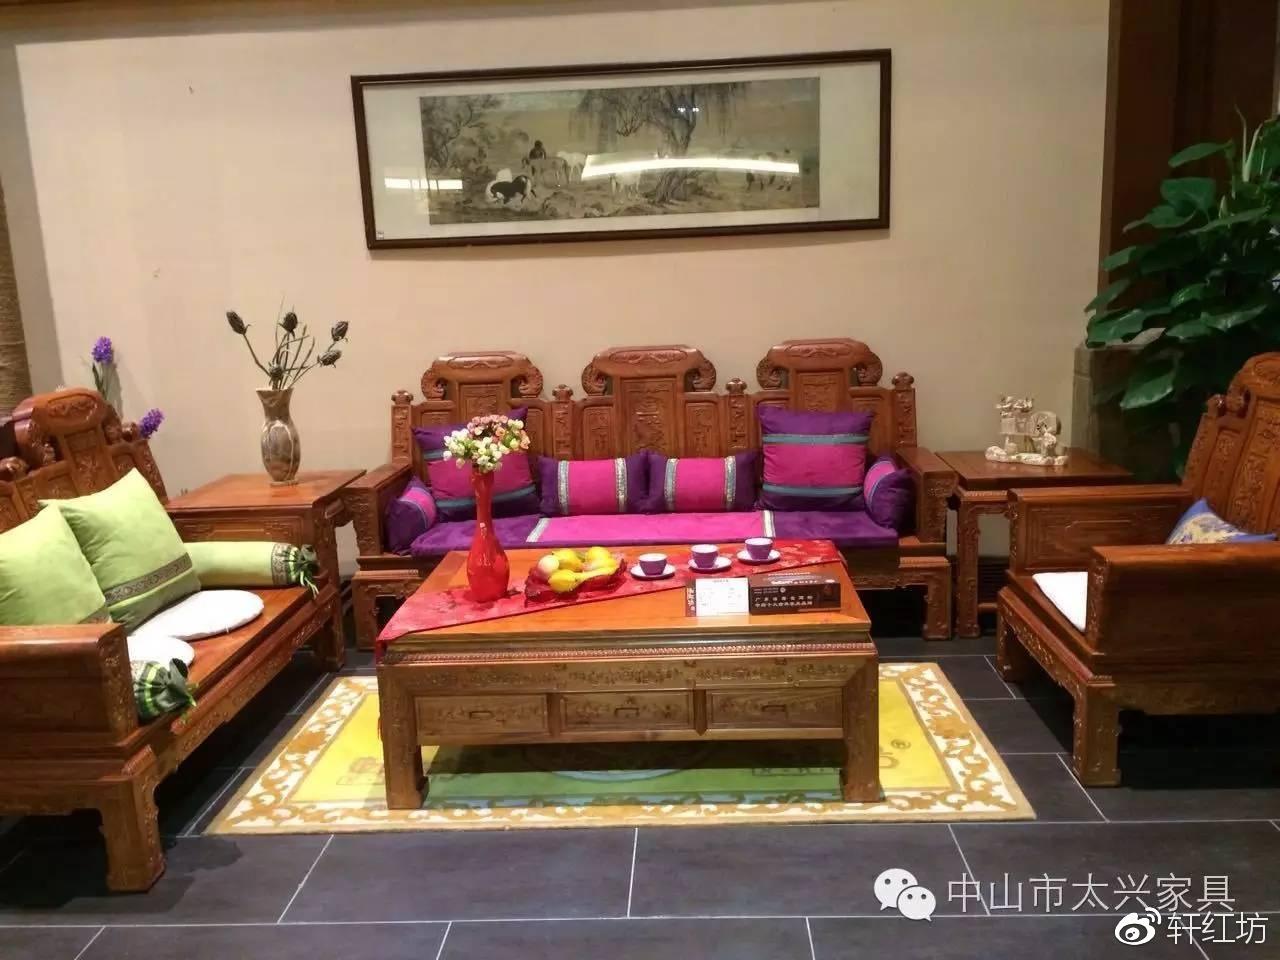 红木家具客厅摆放风水有讲究,六点宜忌要谨记!